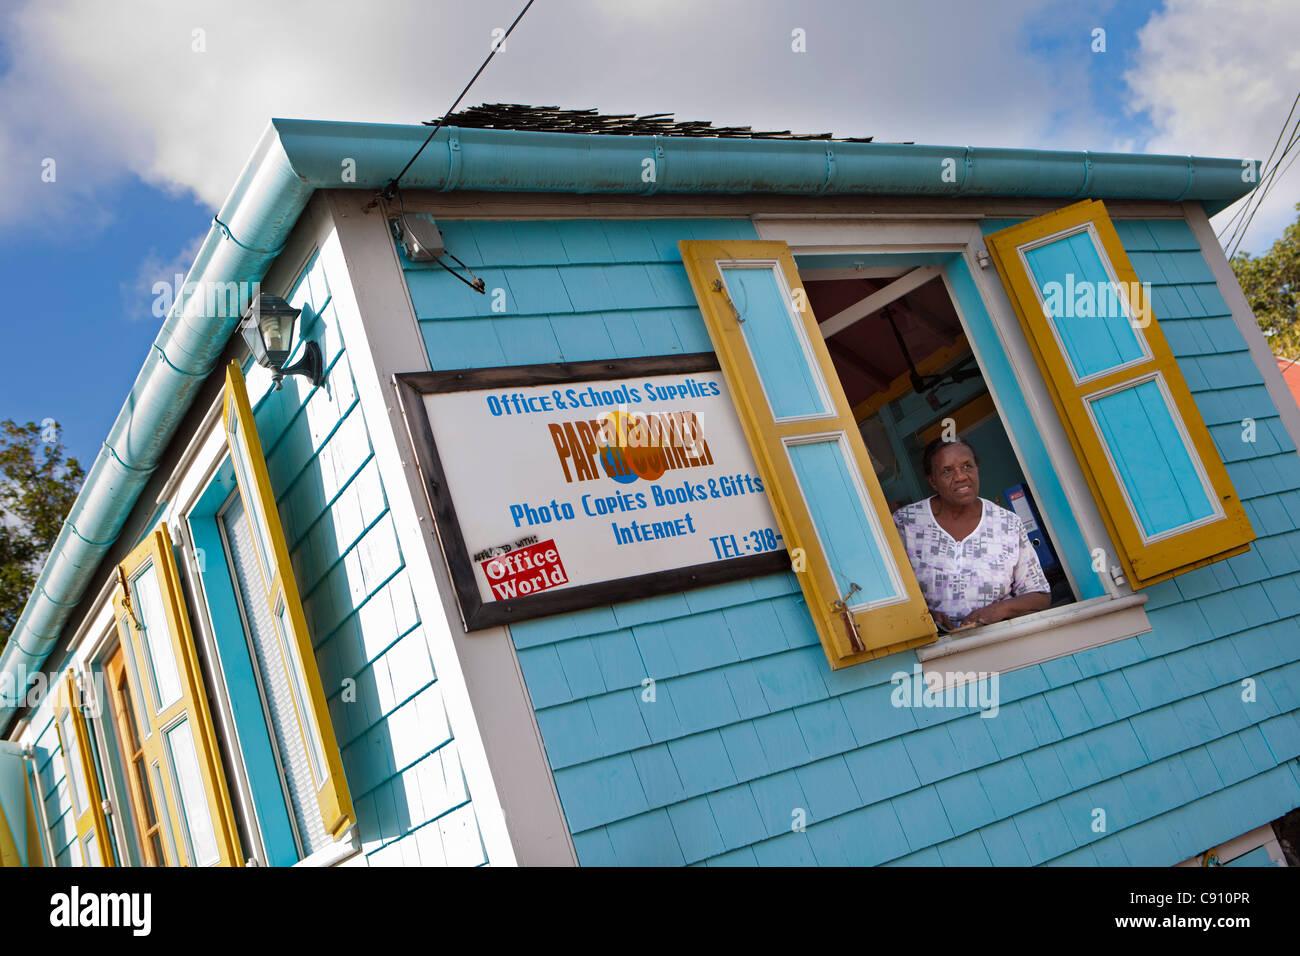 Les Pays-Bas, Oranjestad, Saint-Eustache, île des Antilles néerlandaises. Femme à la fenêtre Photo Stock